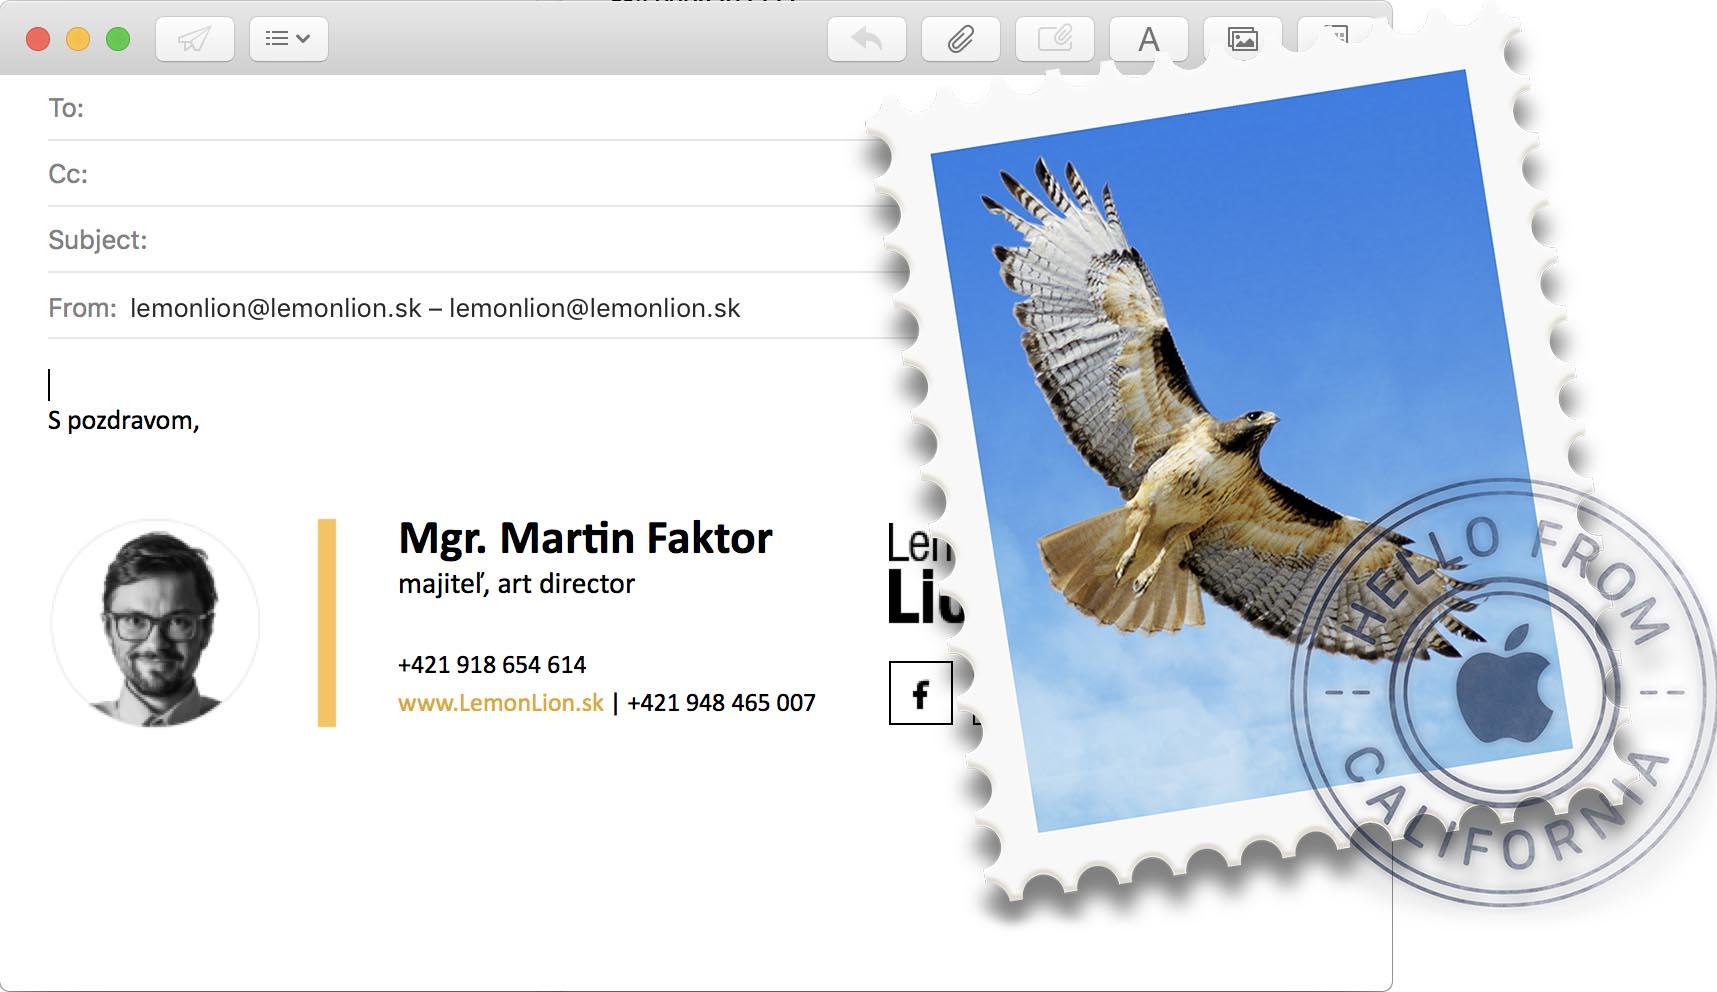 E-mailový podpis v desktopovej verzií OS X Mail od Apple